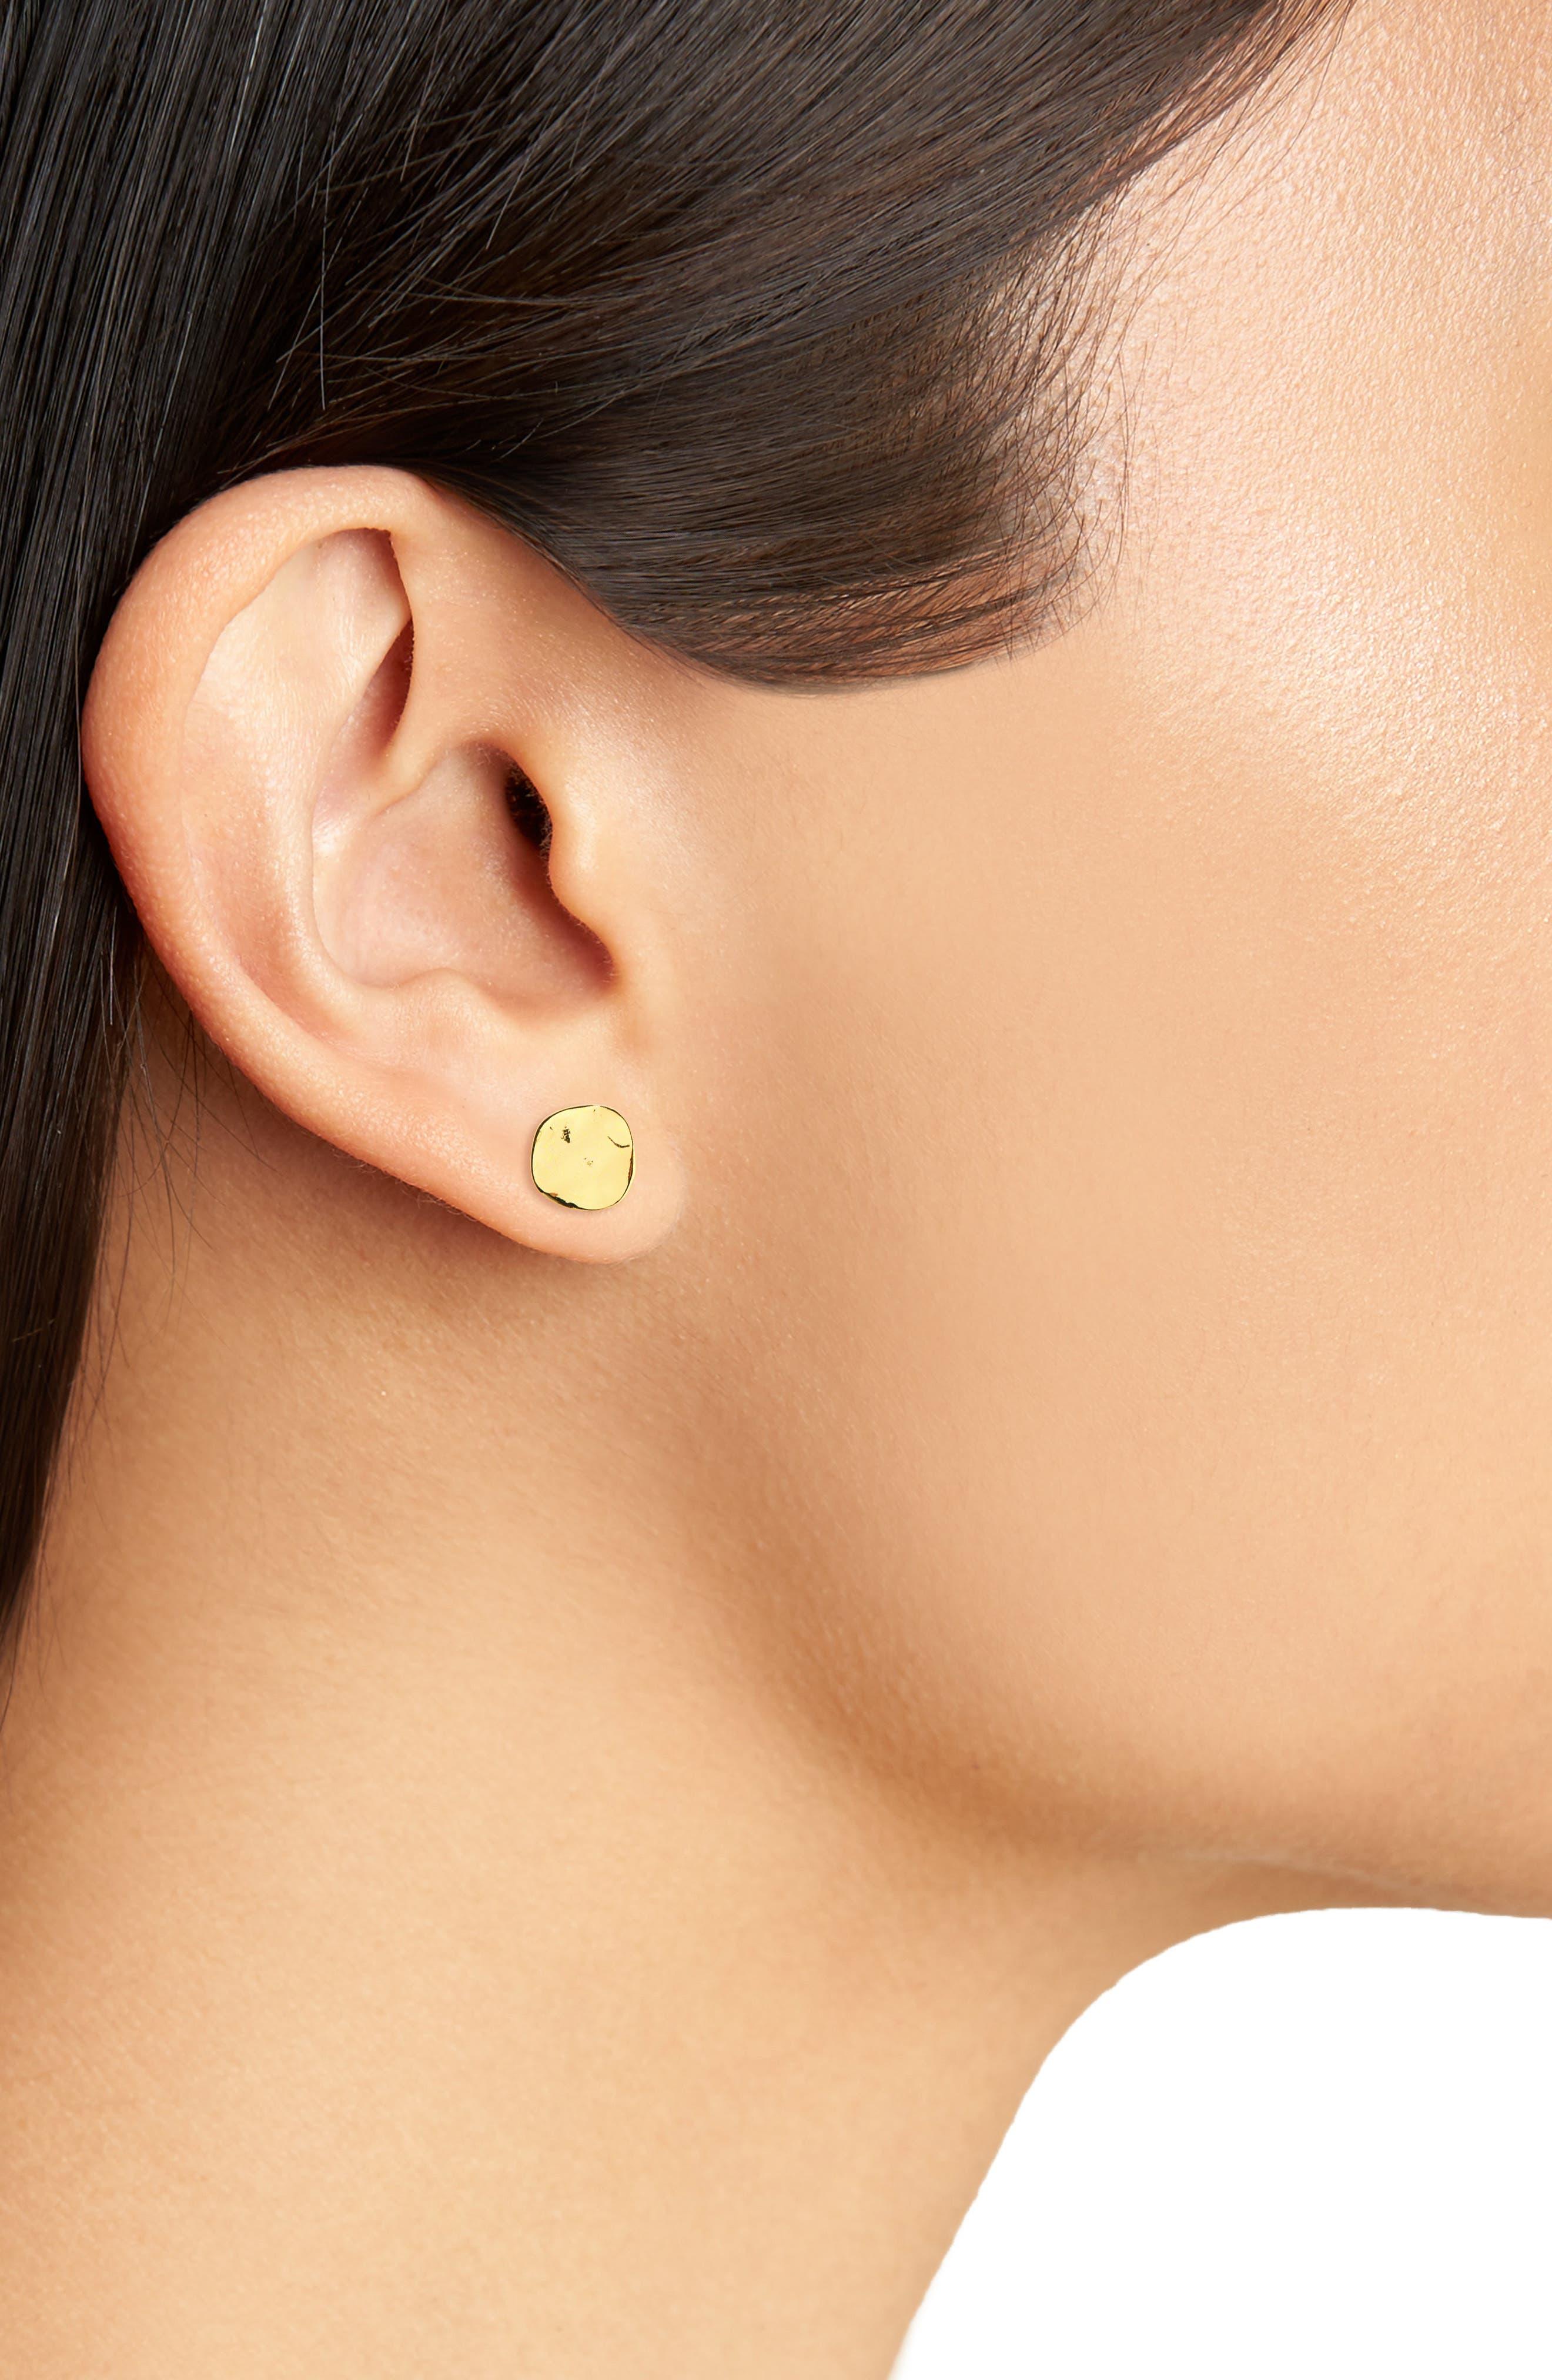 gorjana small stud earrings nordstrom